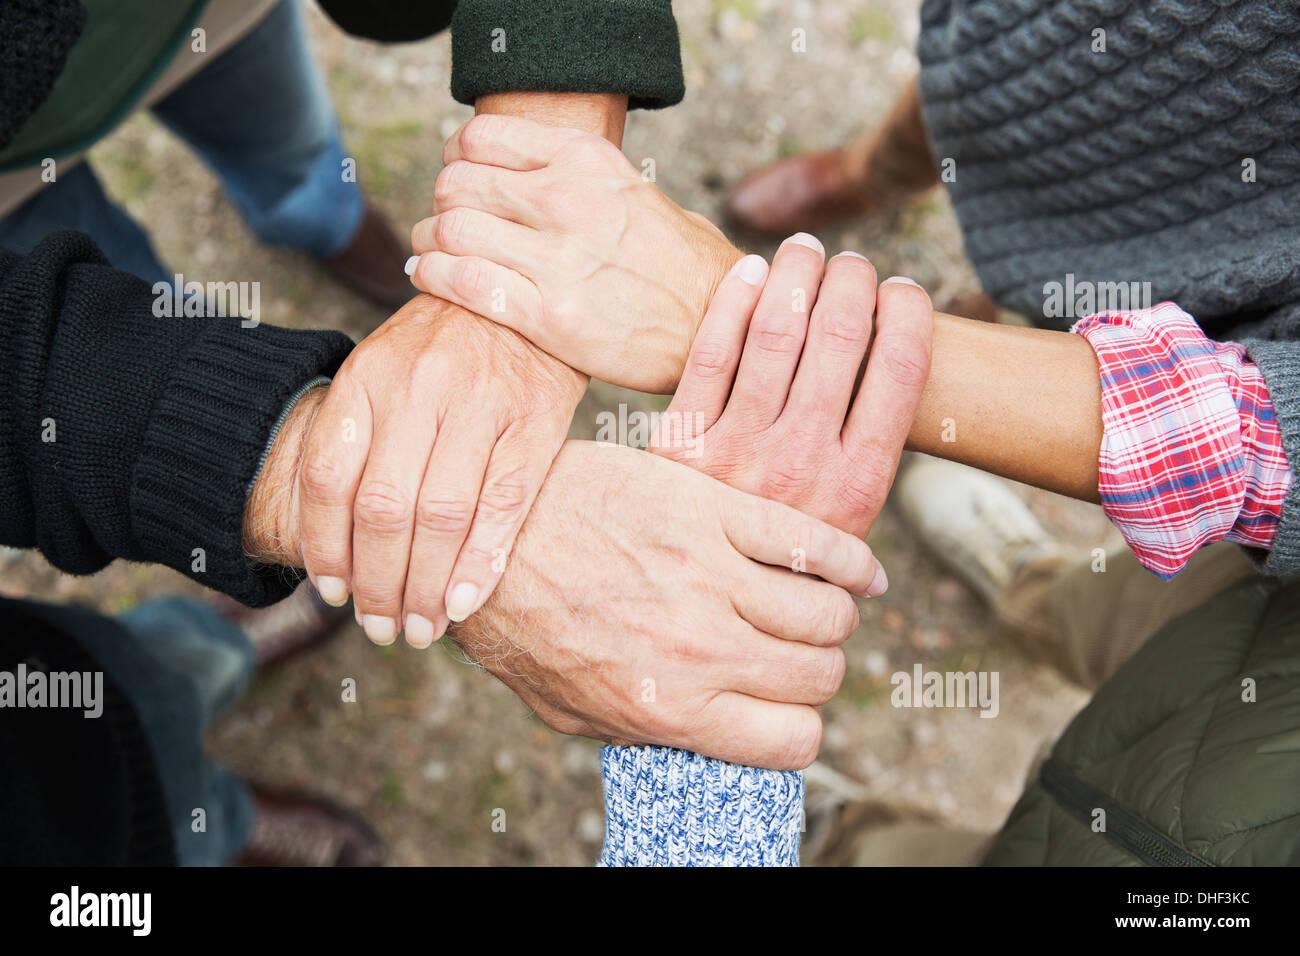 Cuatro personas tocando las manos, ángulo alto Imagen De Stock